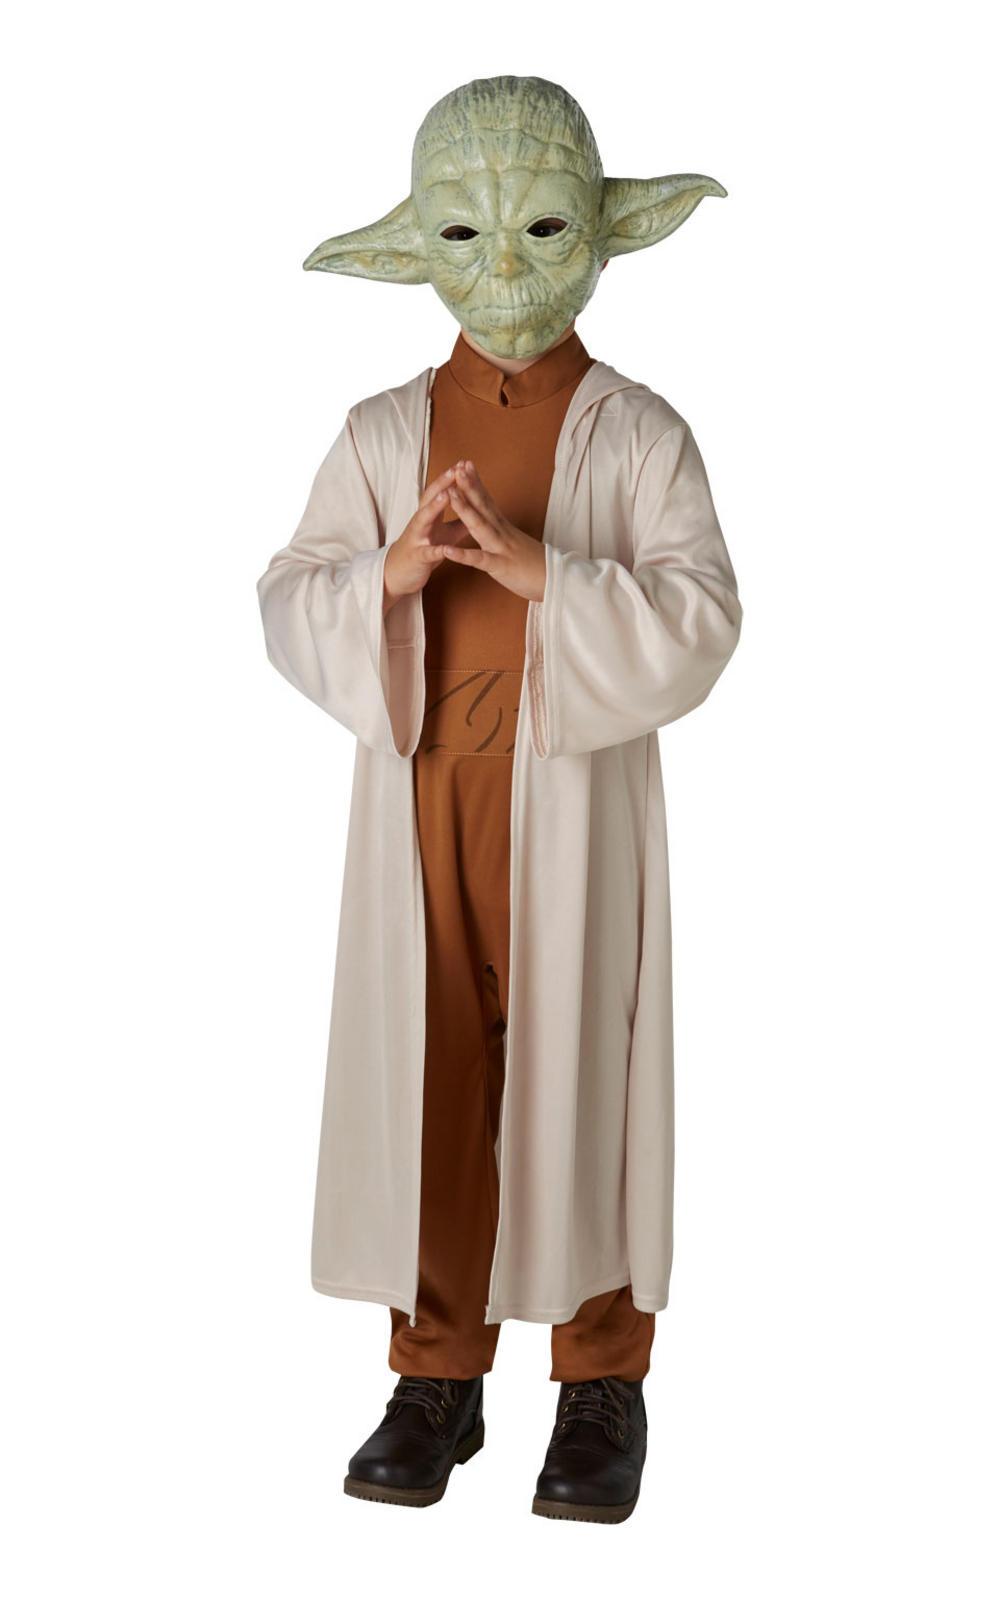 Kidu0027s Yoda Costume  sc 1 st  Mega Fancy Dress & Kidu0027s Yoda Costume   Star Wars Fancy Dress Costumes   Mega Fancy Dress